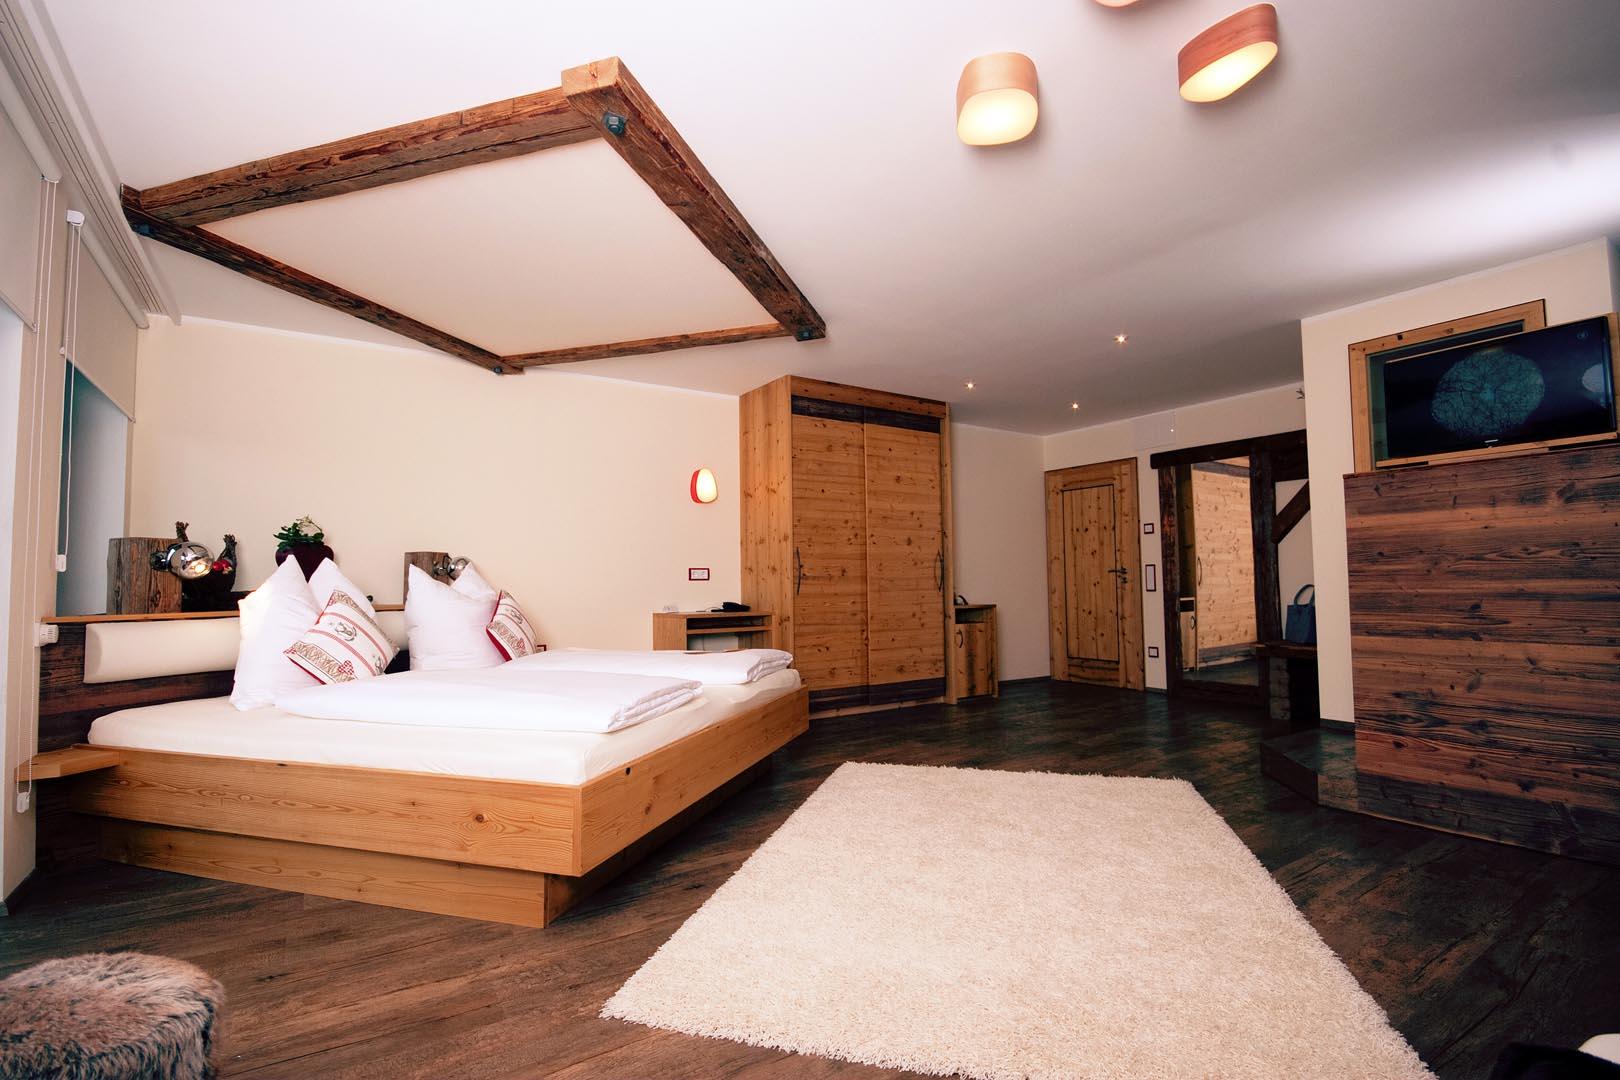 Juniorsuite Wellnesshotel Bayerischer Wald